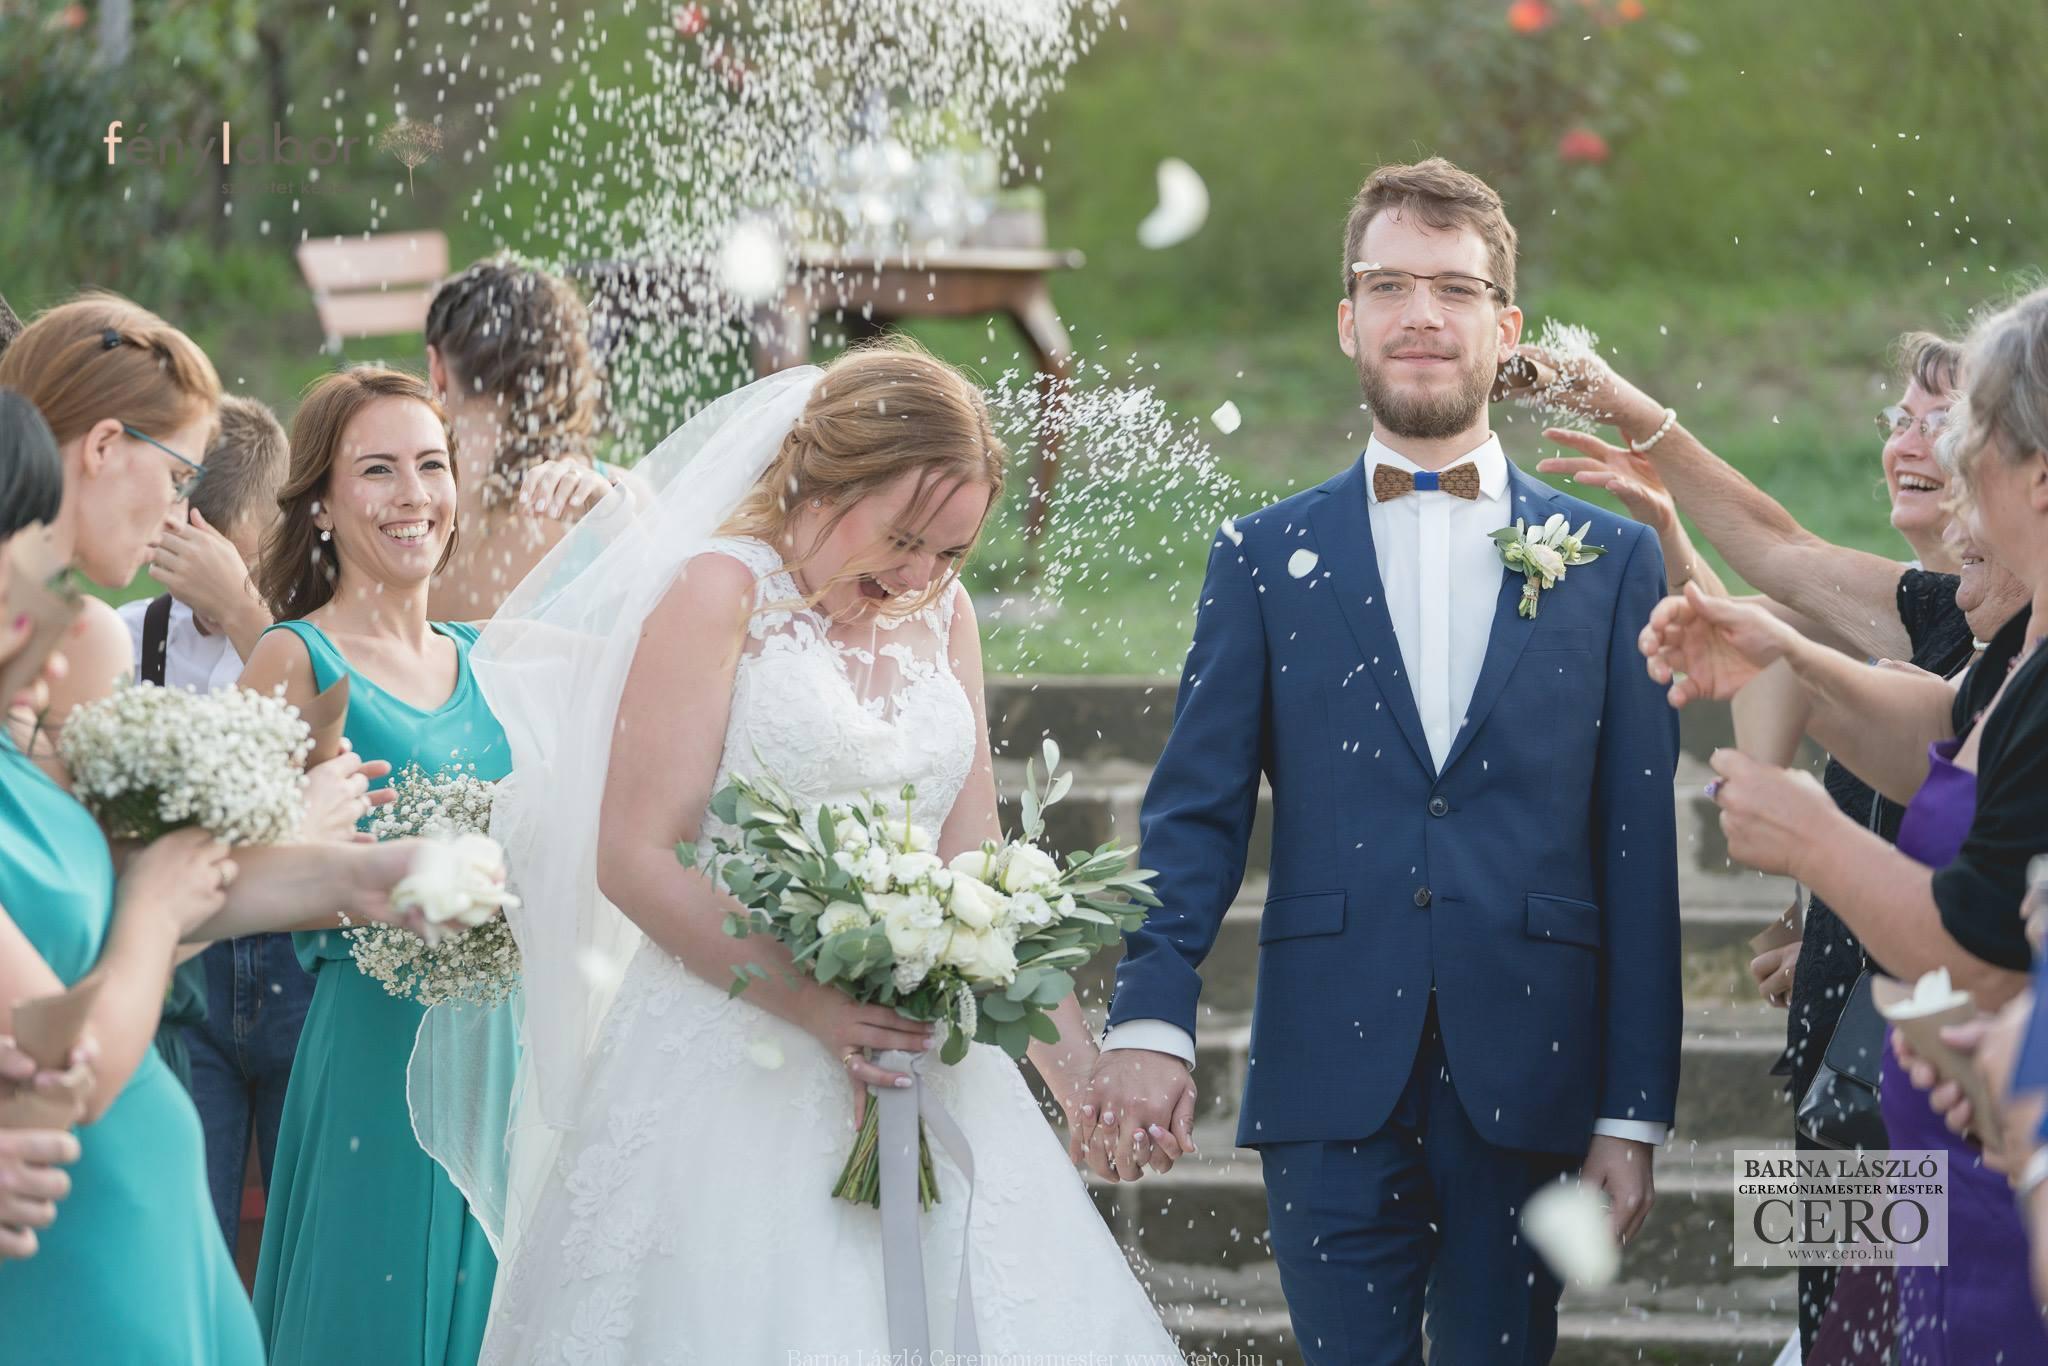 Ceremóniamester, esküvő képek Etyeken a Rókusfalvi birtokon. Ceró: Barna László